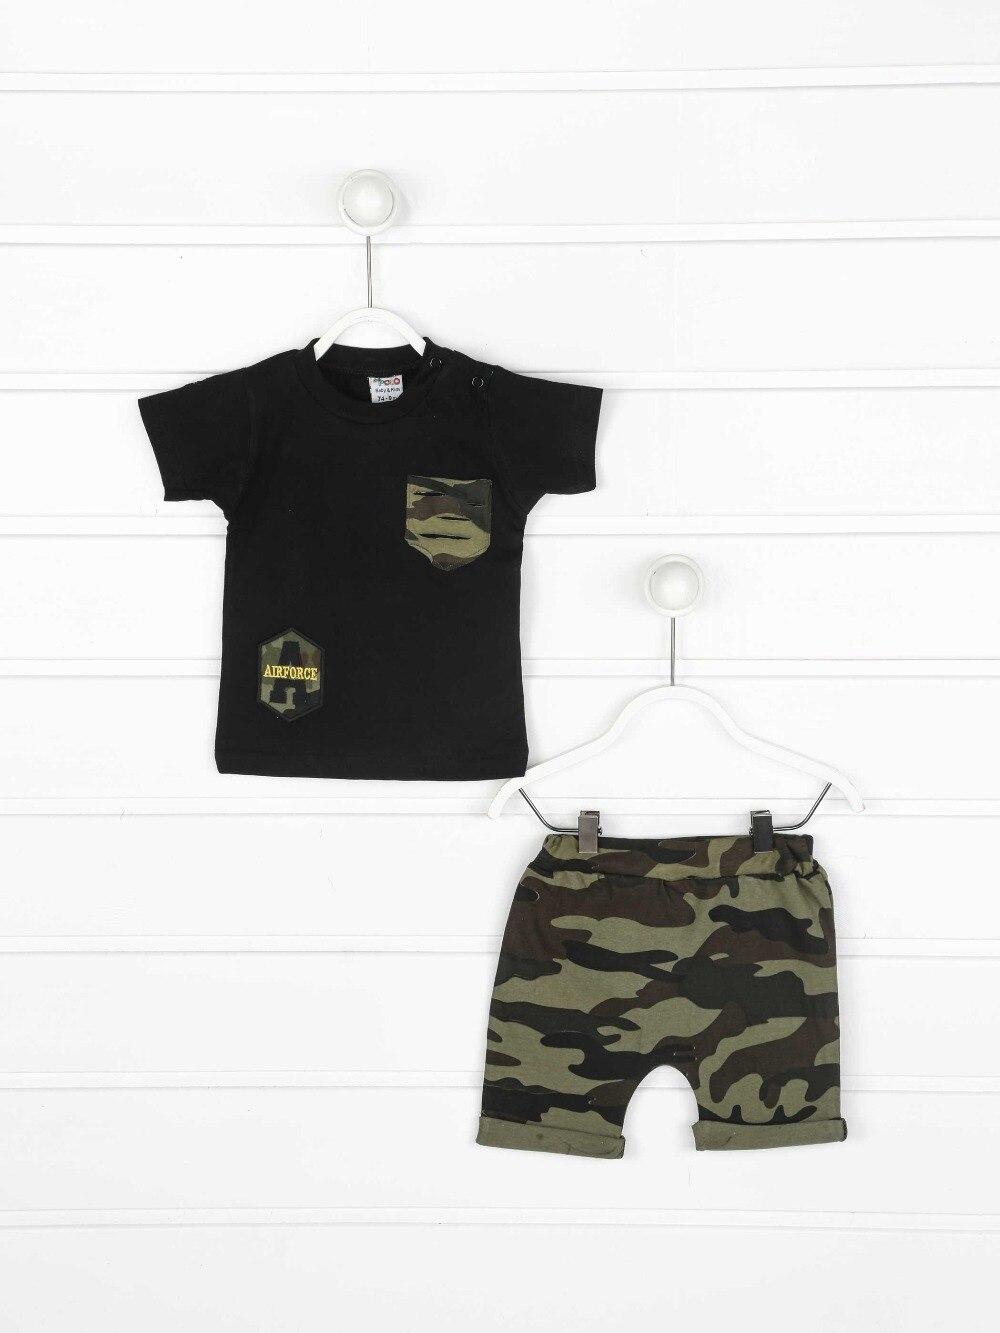 082-8717-038 Siyah Kamuflaj Erkek Bebek Şortlu Takım (1)